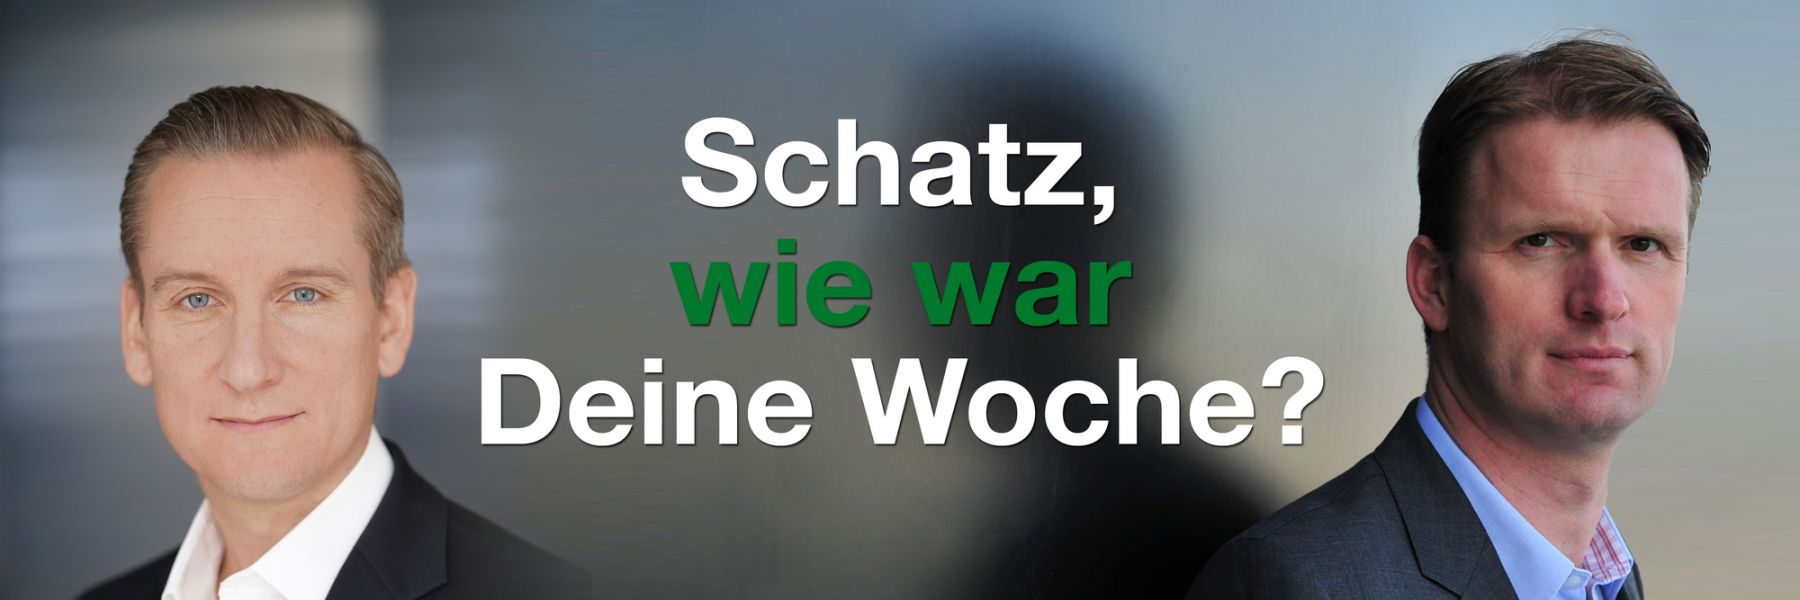 Schatz, wie war deine Woche 02: Web-Trainings